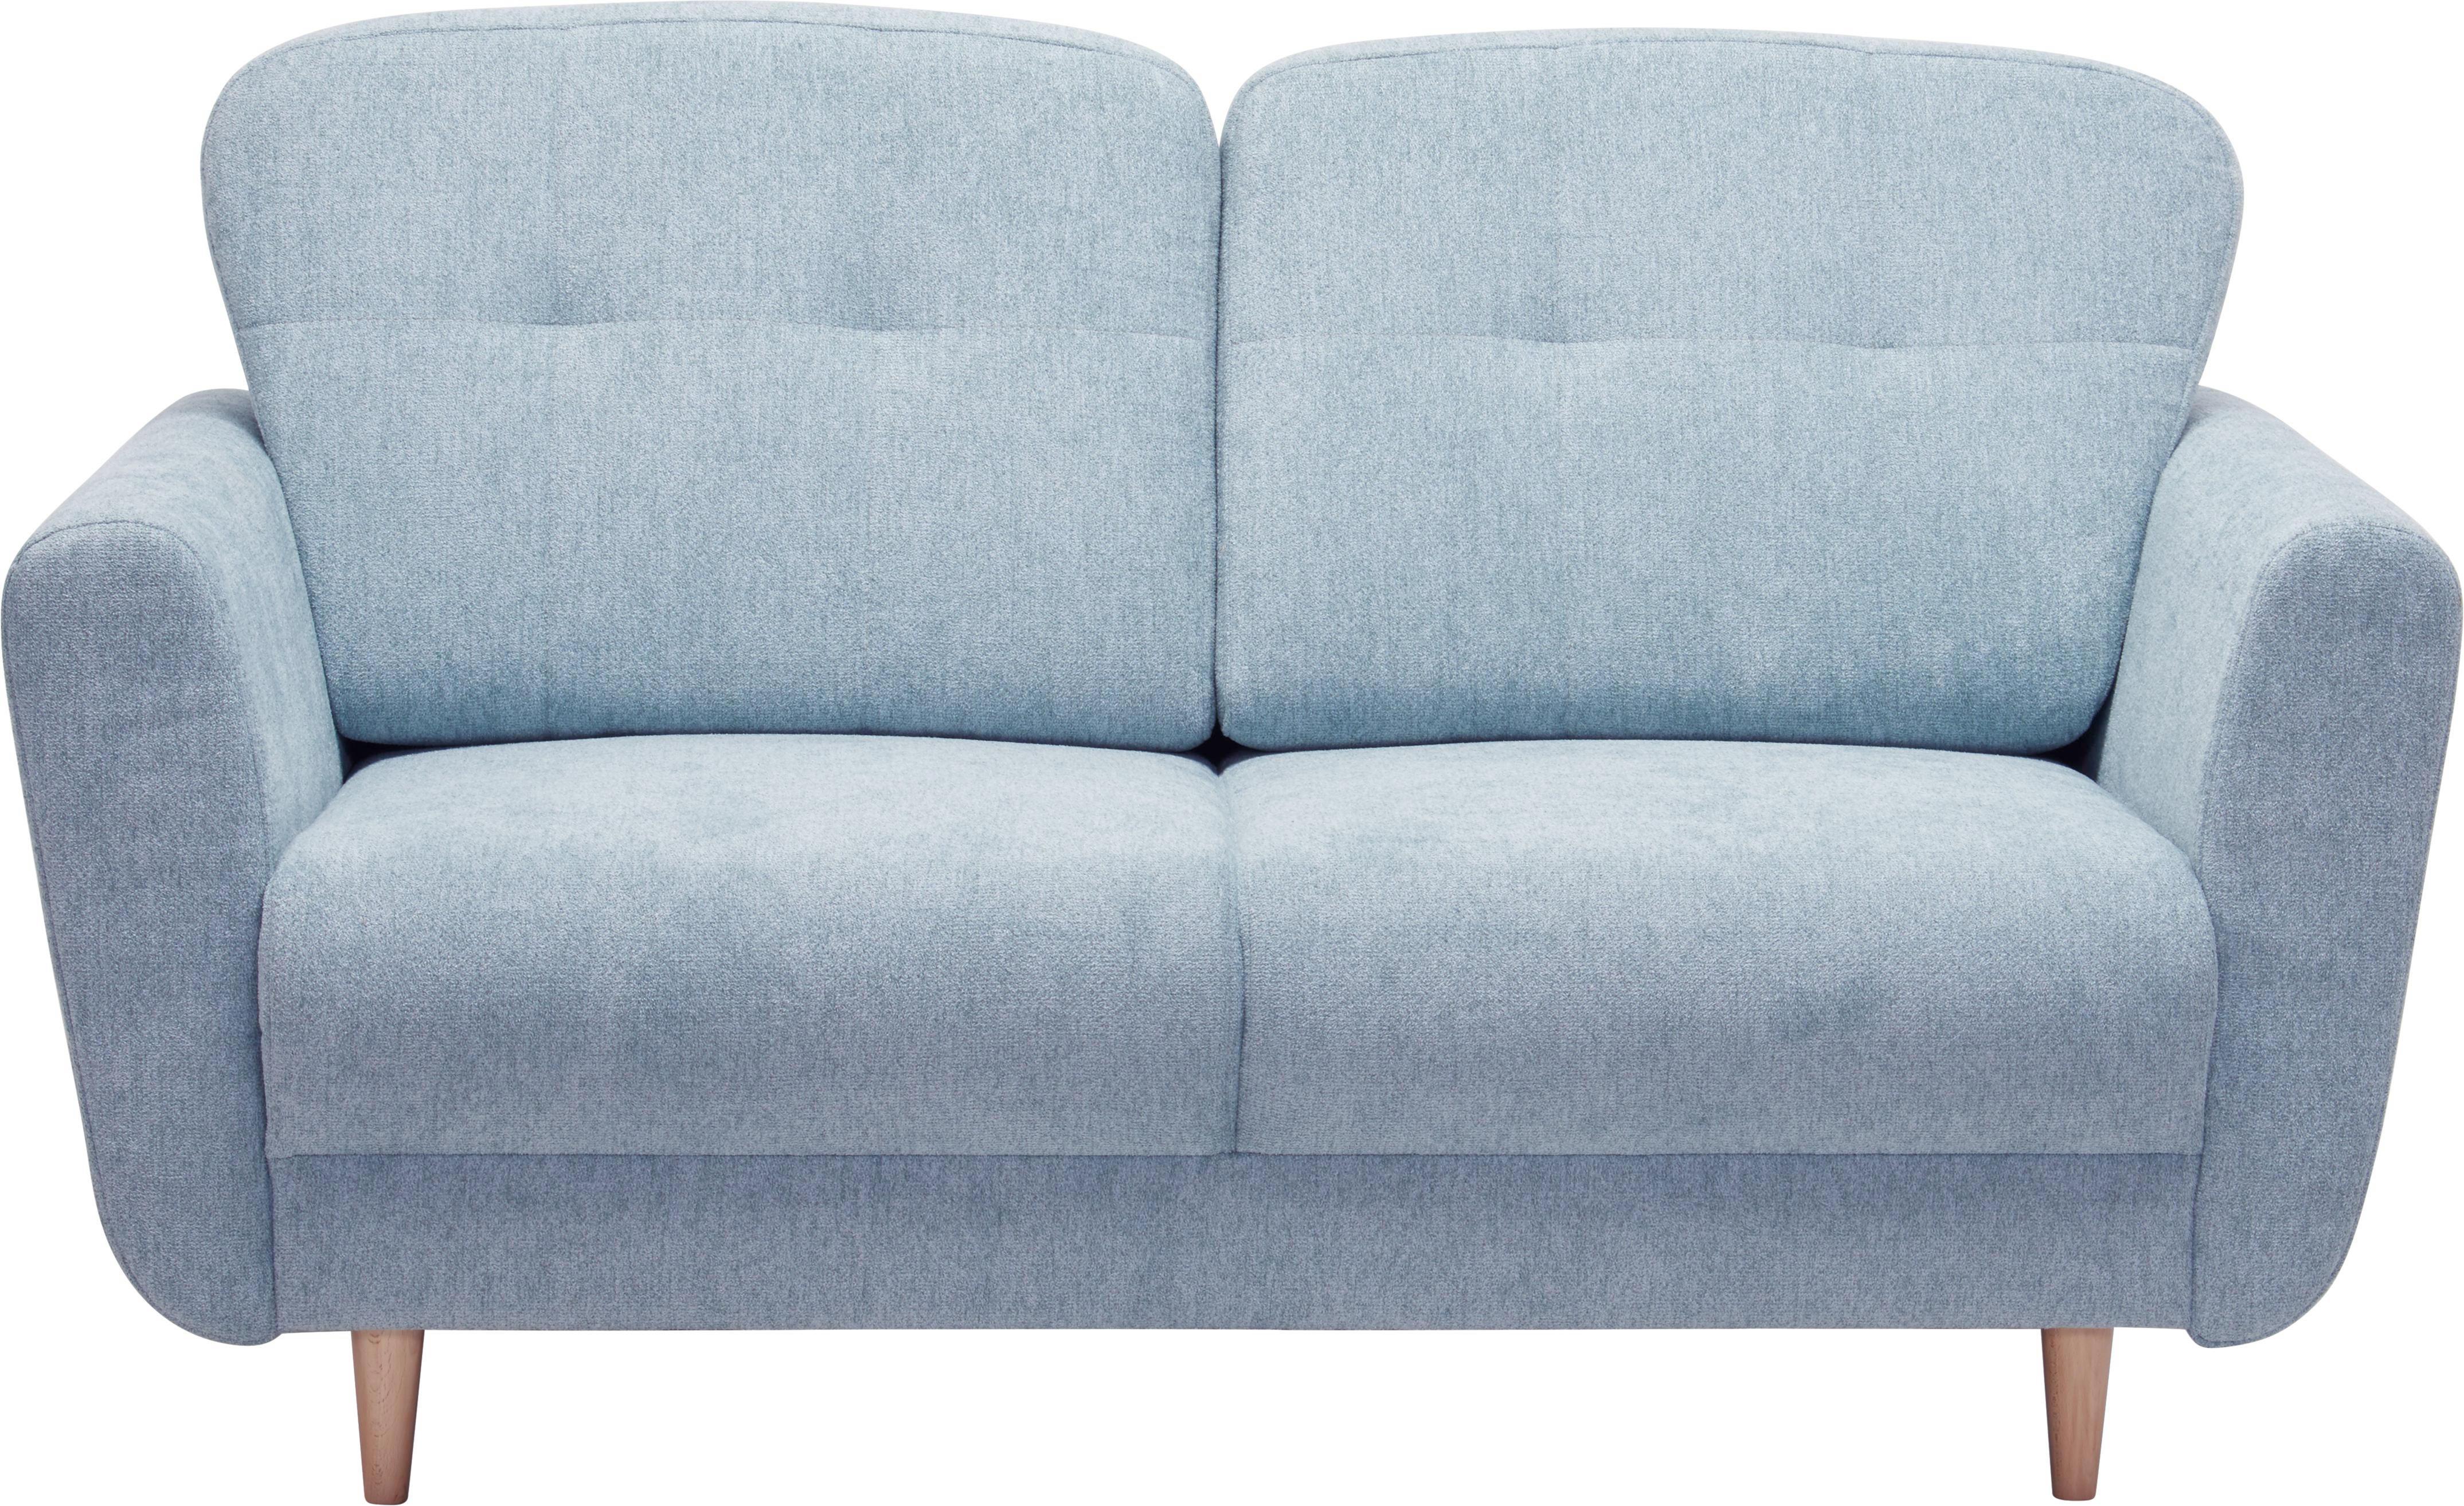 ZWEISITZER-SOFA Hellblau - Hellblau, Design, Holz/Textil (154/90/93cm) - HOM`IN